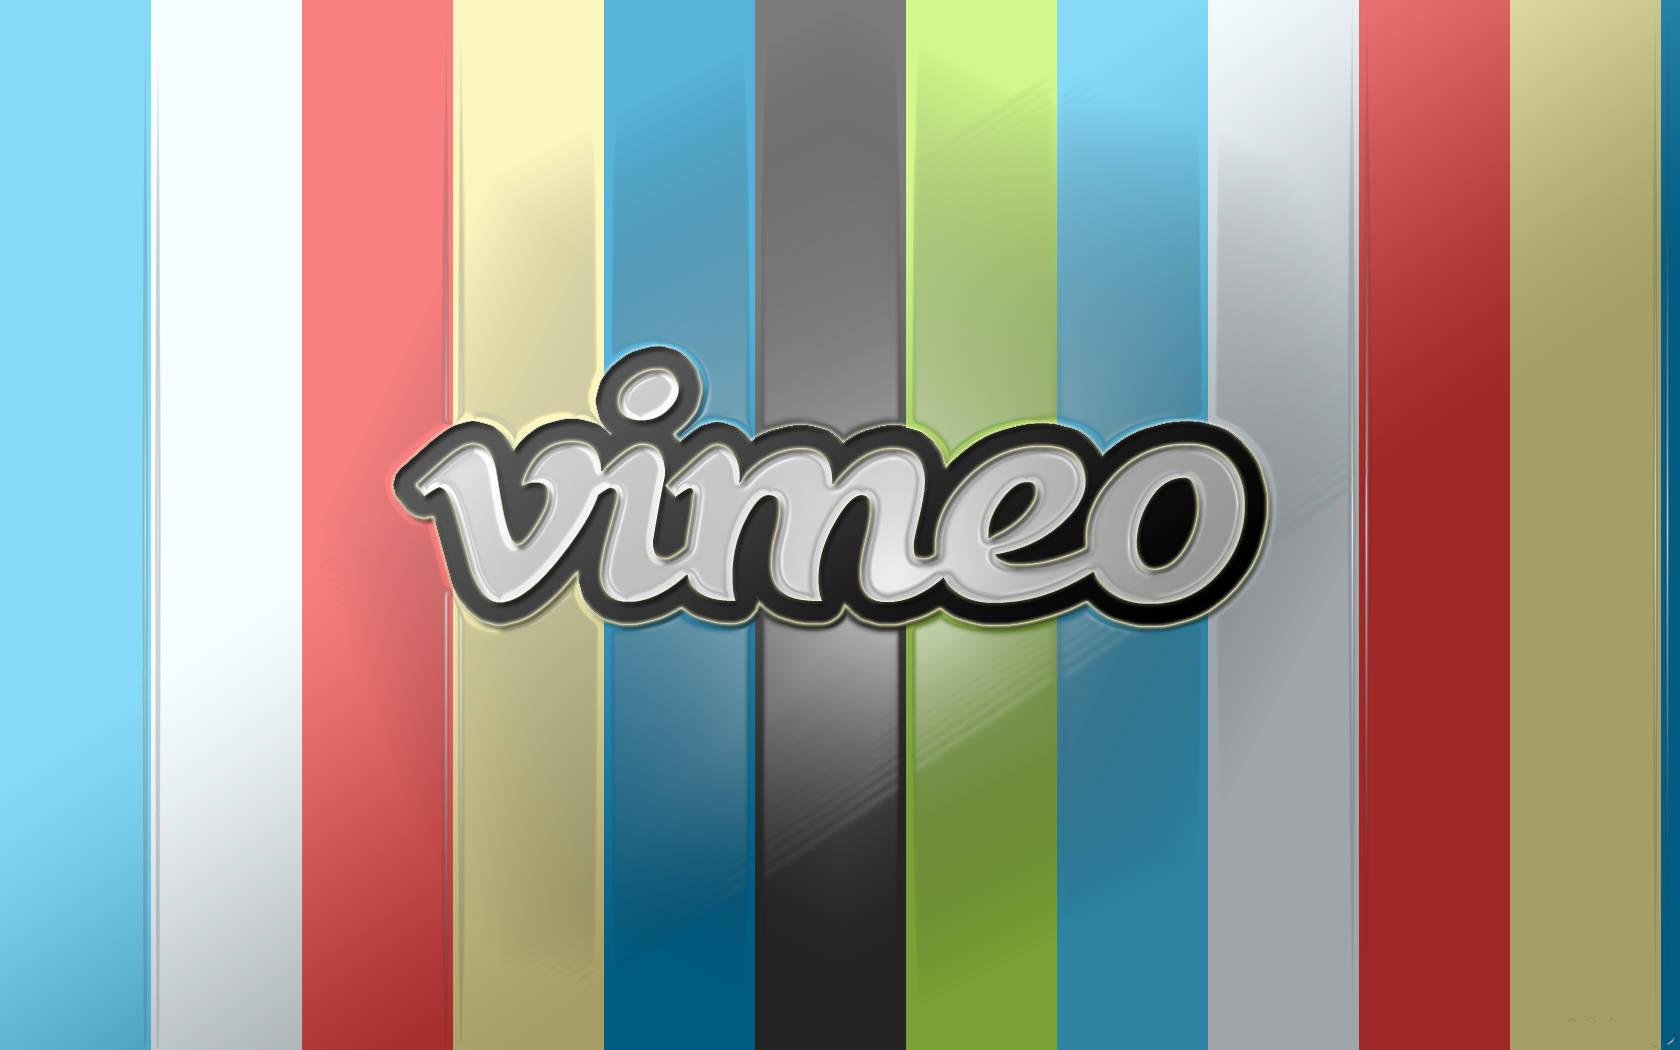 Come scaricare video condivisi su Vimeo